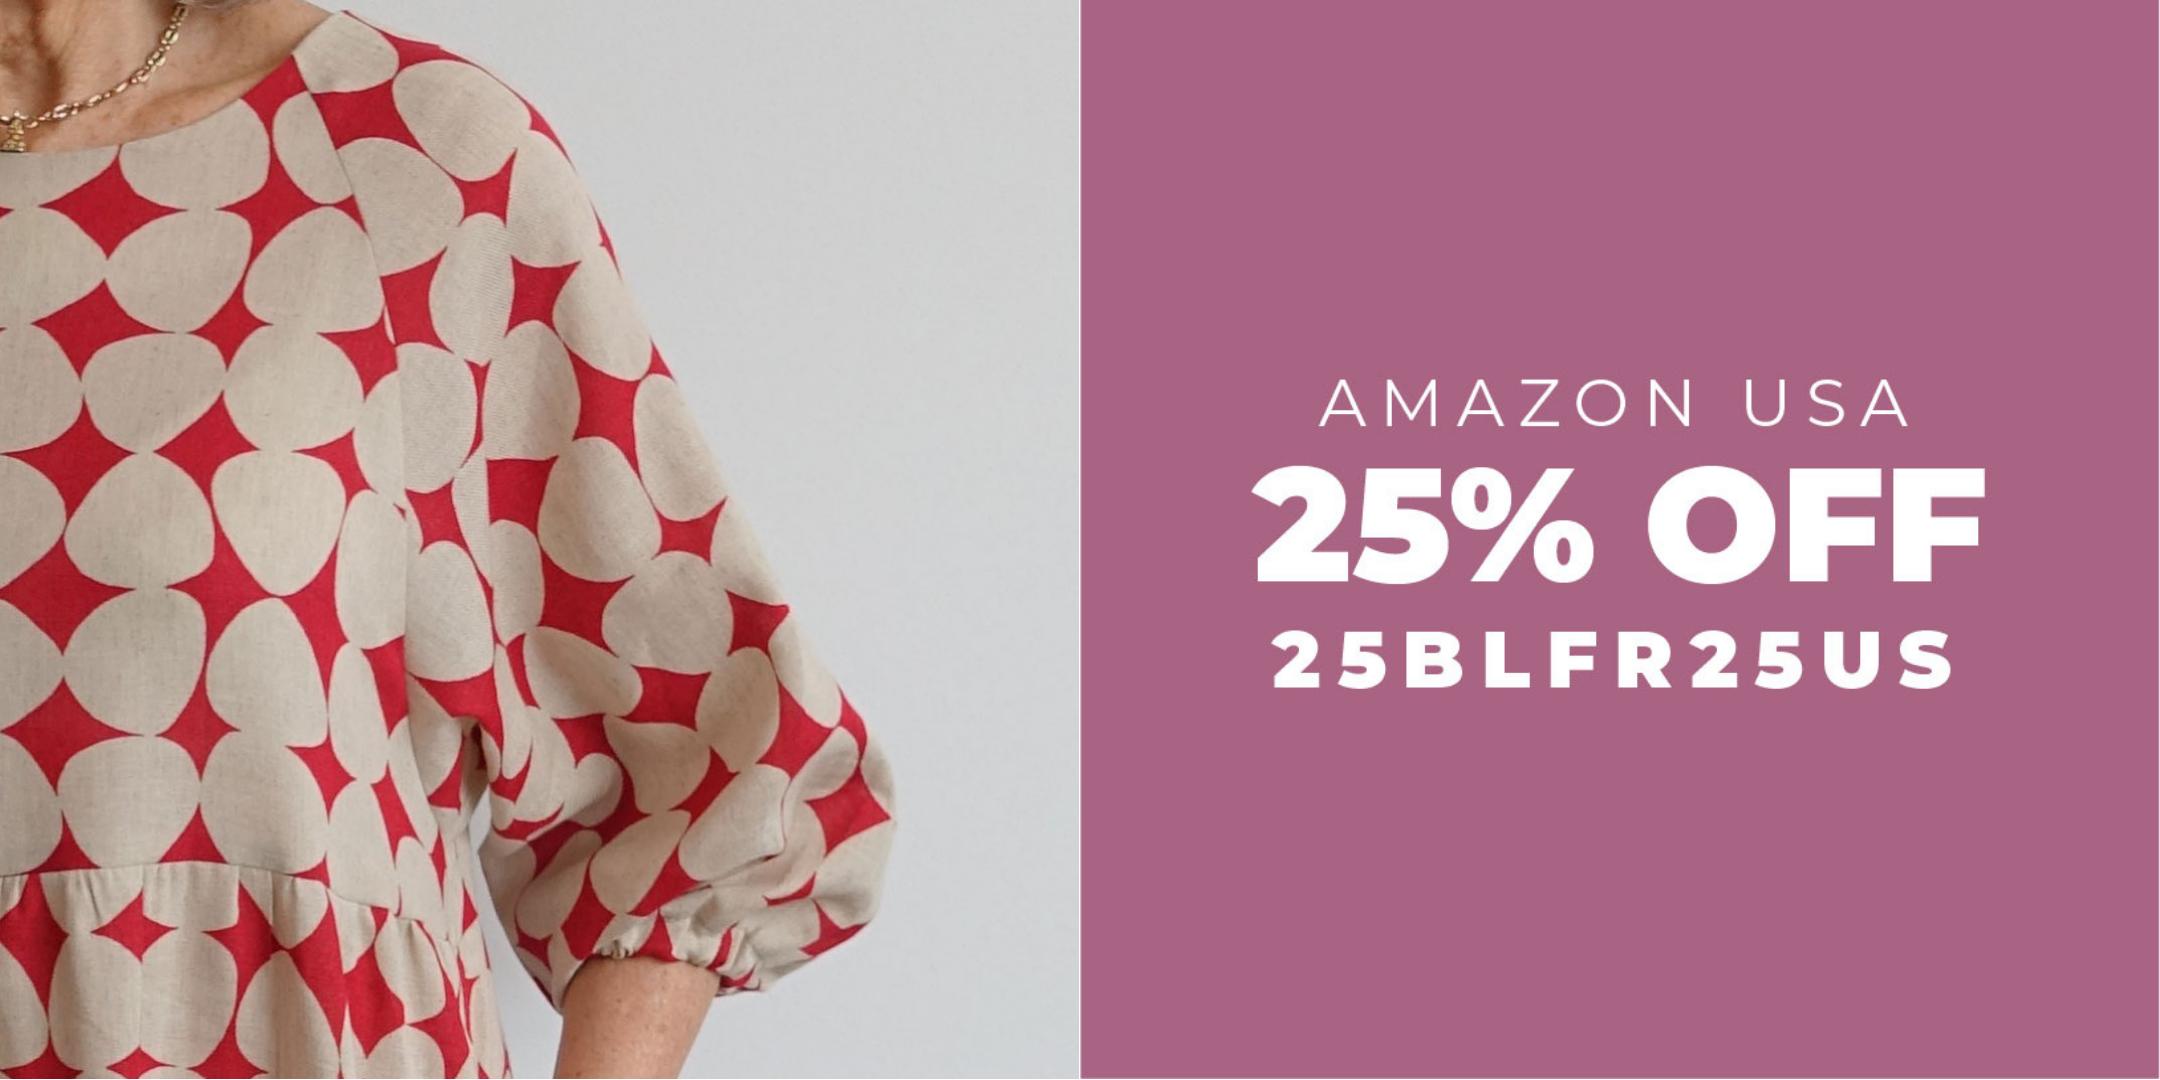 Style Arc Amazon U.S. 25% off -use code 25BLFR25US